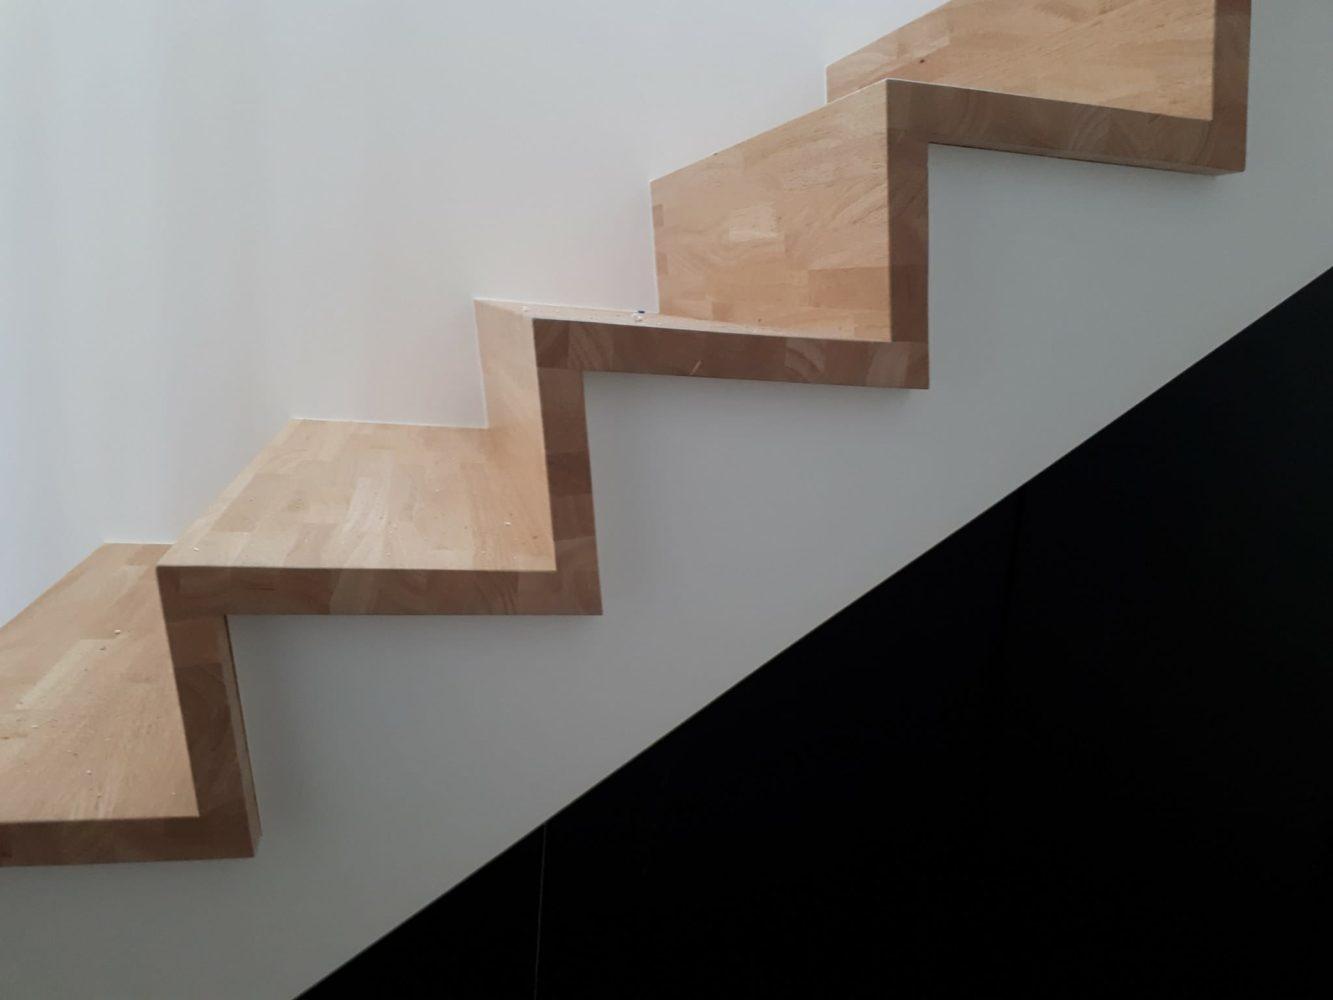 Escalier En Bois Avec Rangement tendance bois - menuiserie et mobilier bois | escalier en z